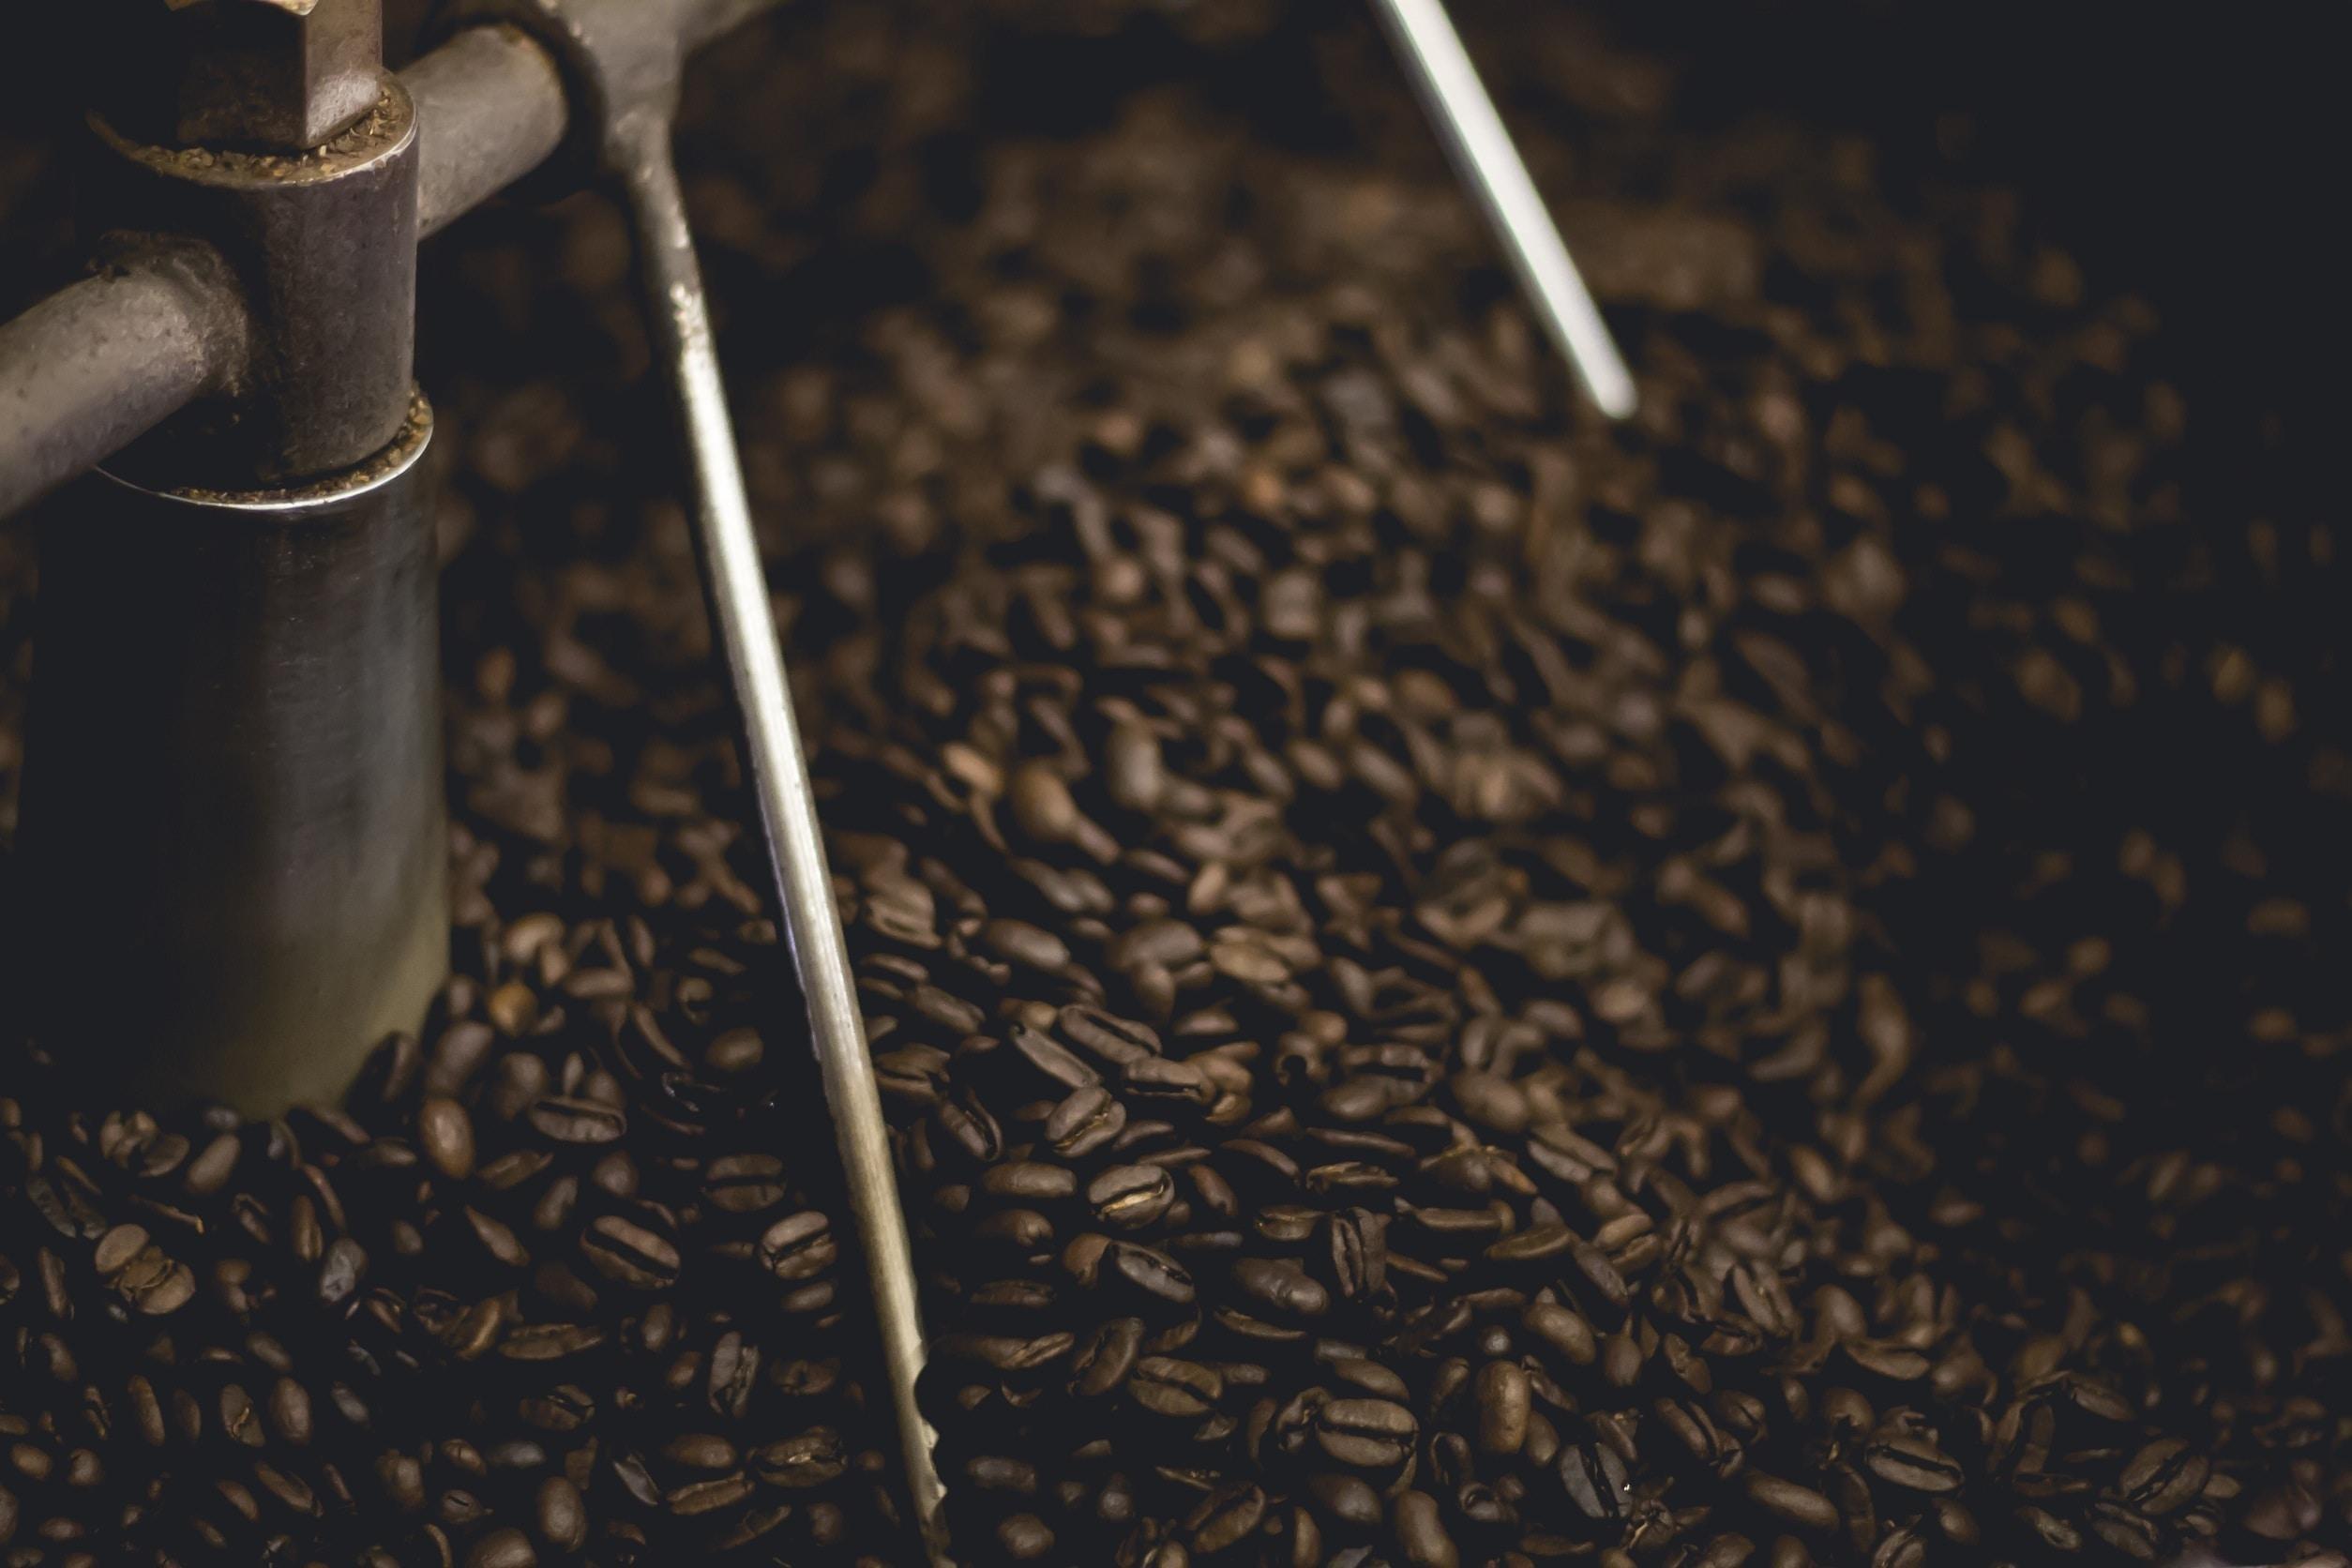 John Heartbreak's Coffee is Cold